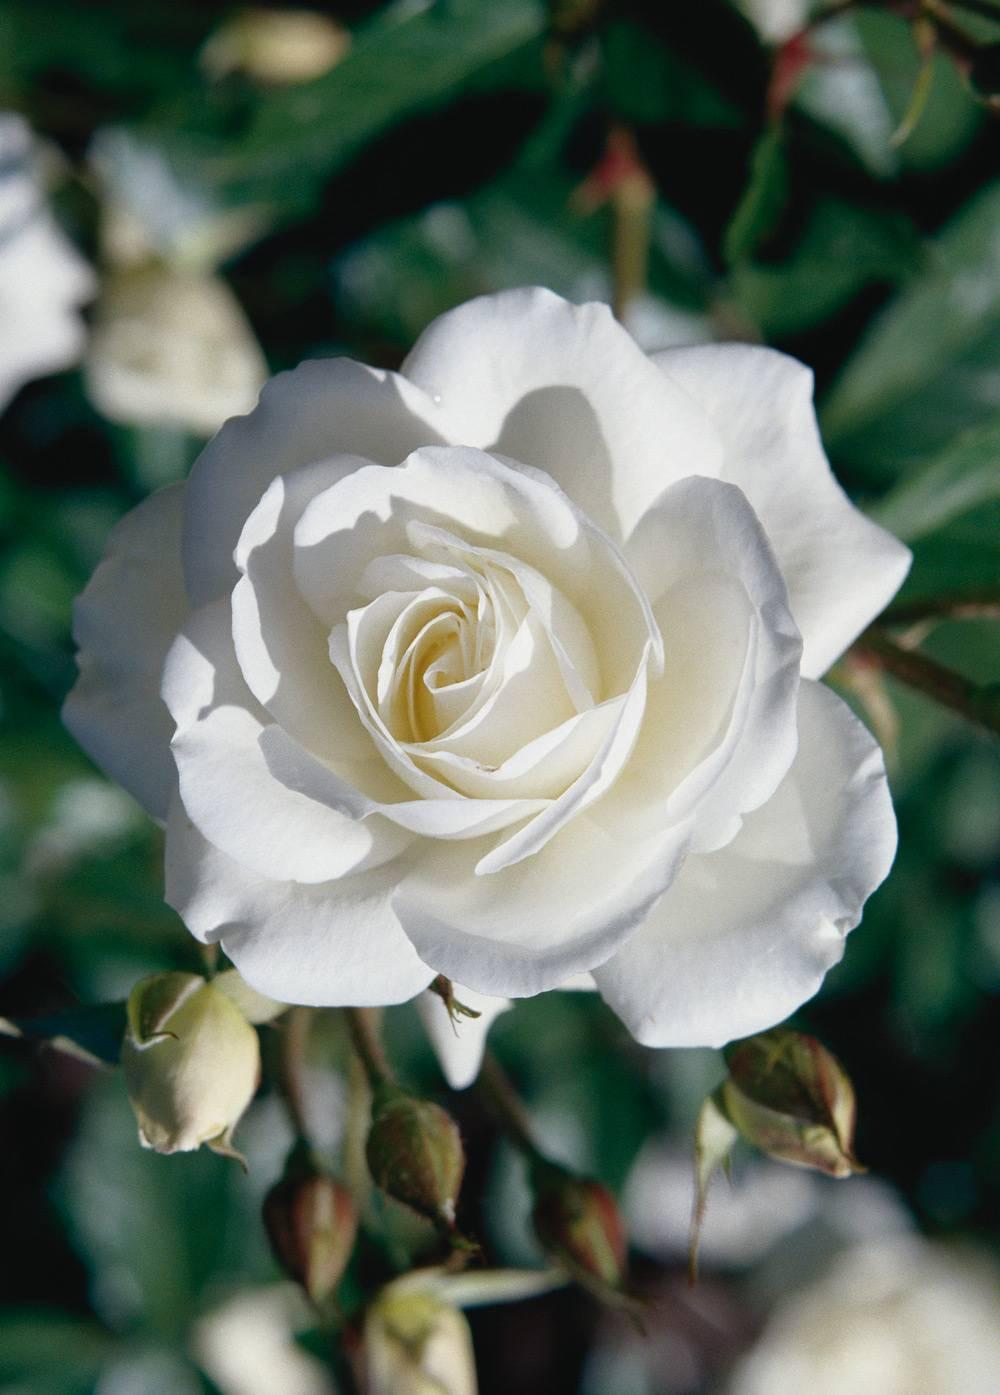 Rose_weiss-cms.jpg